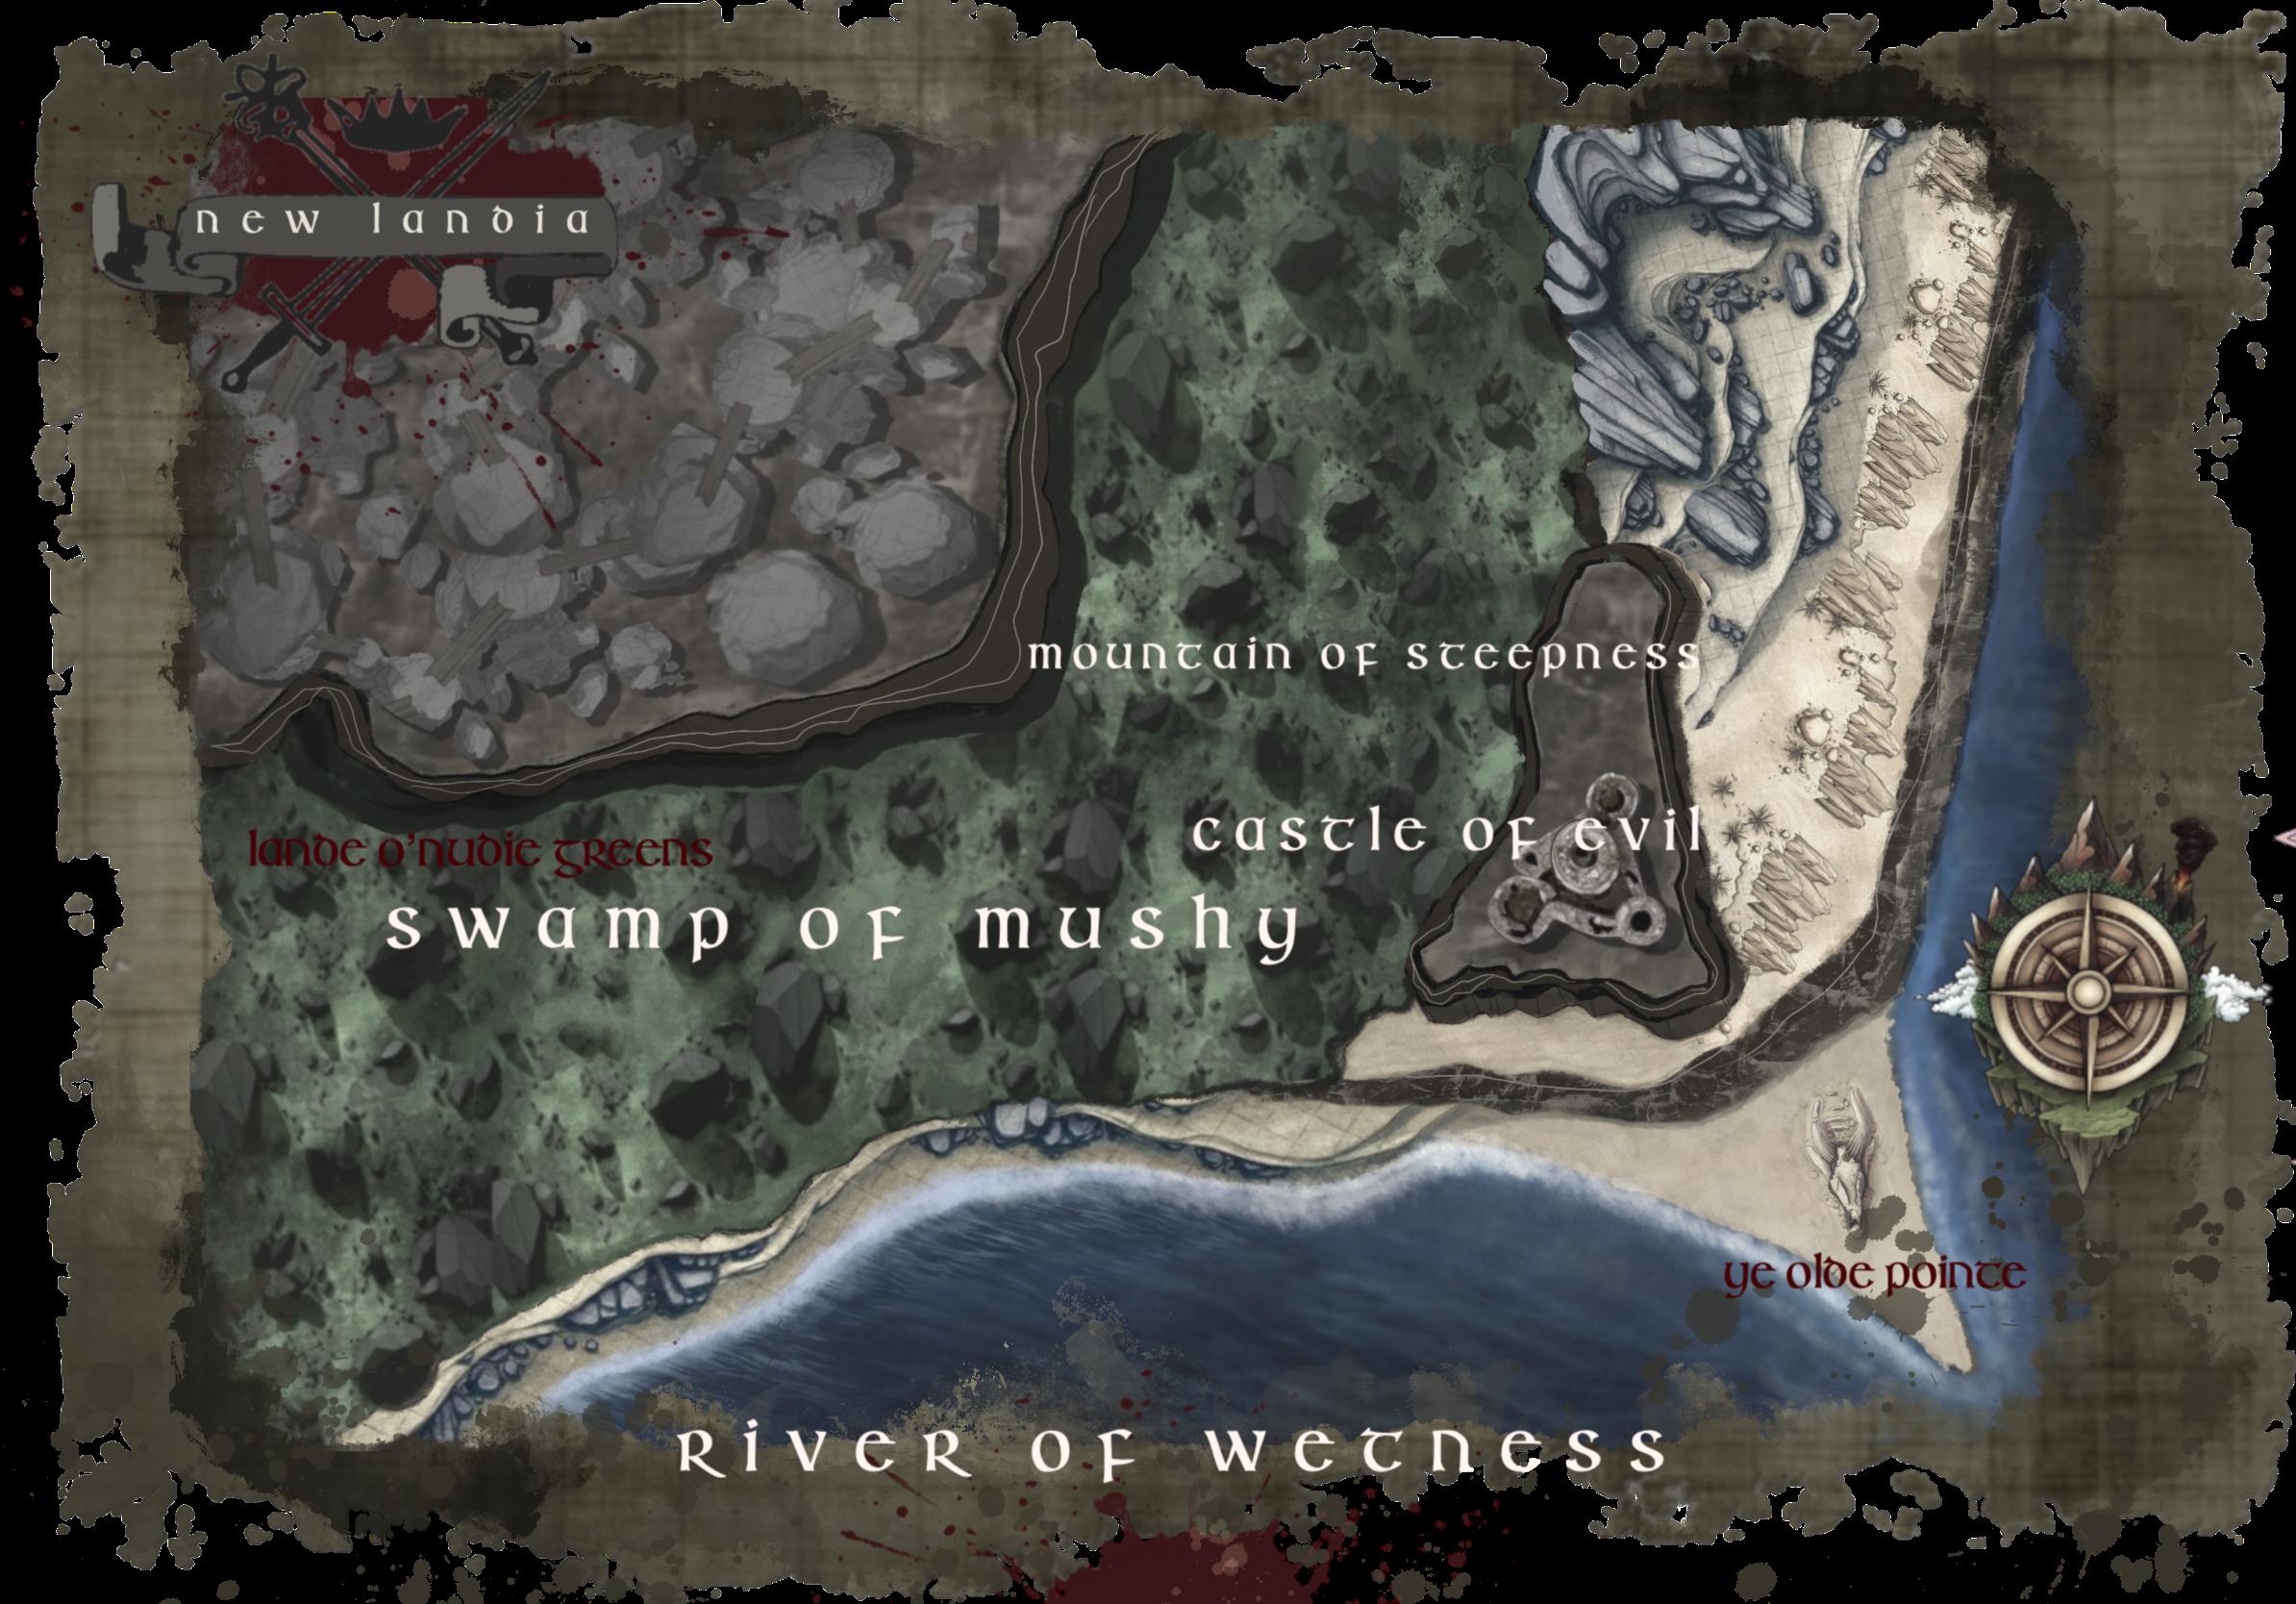 New Landia_Swamp of Mushy